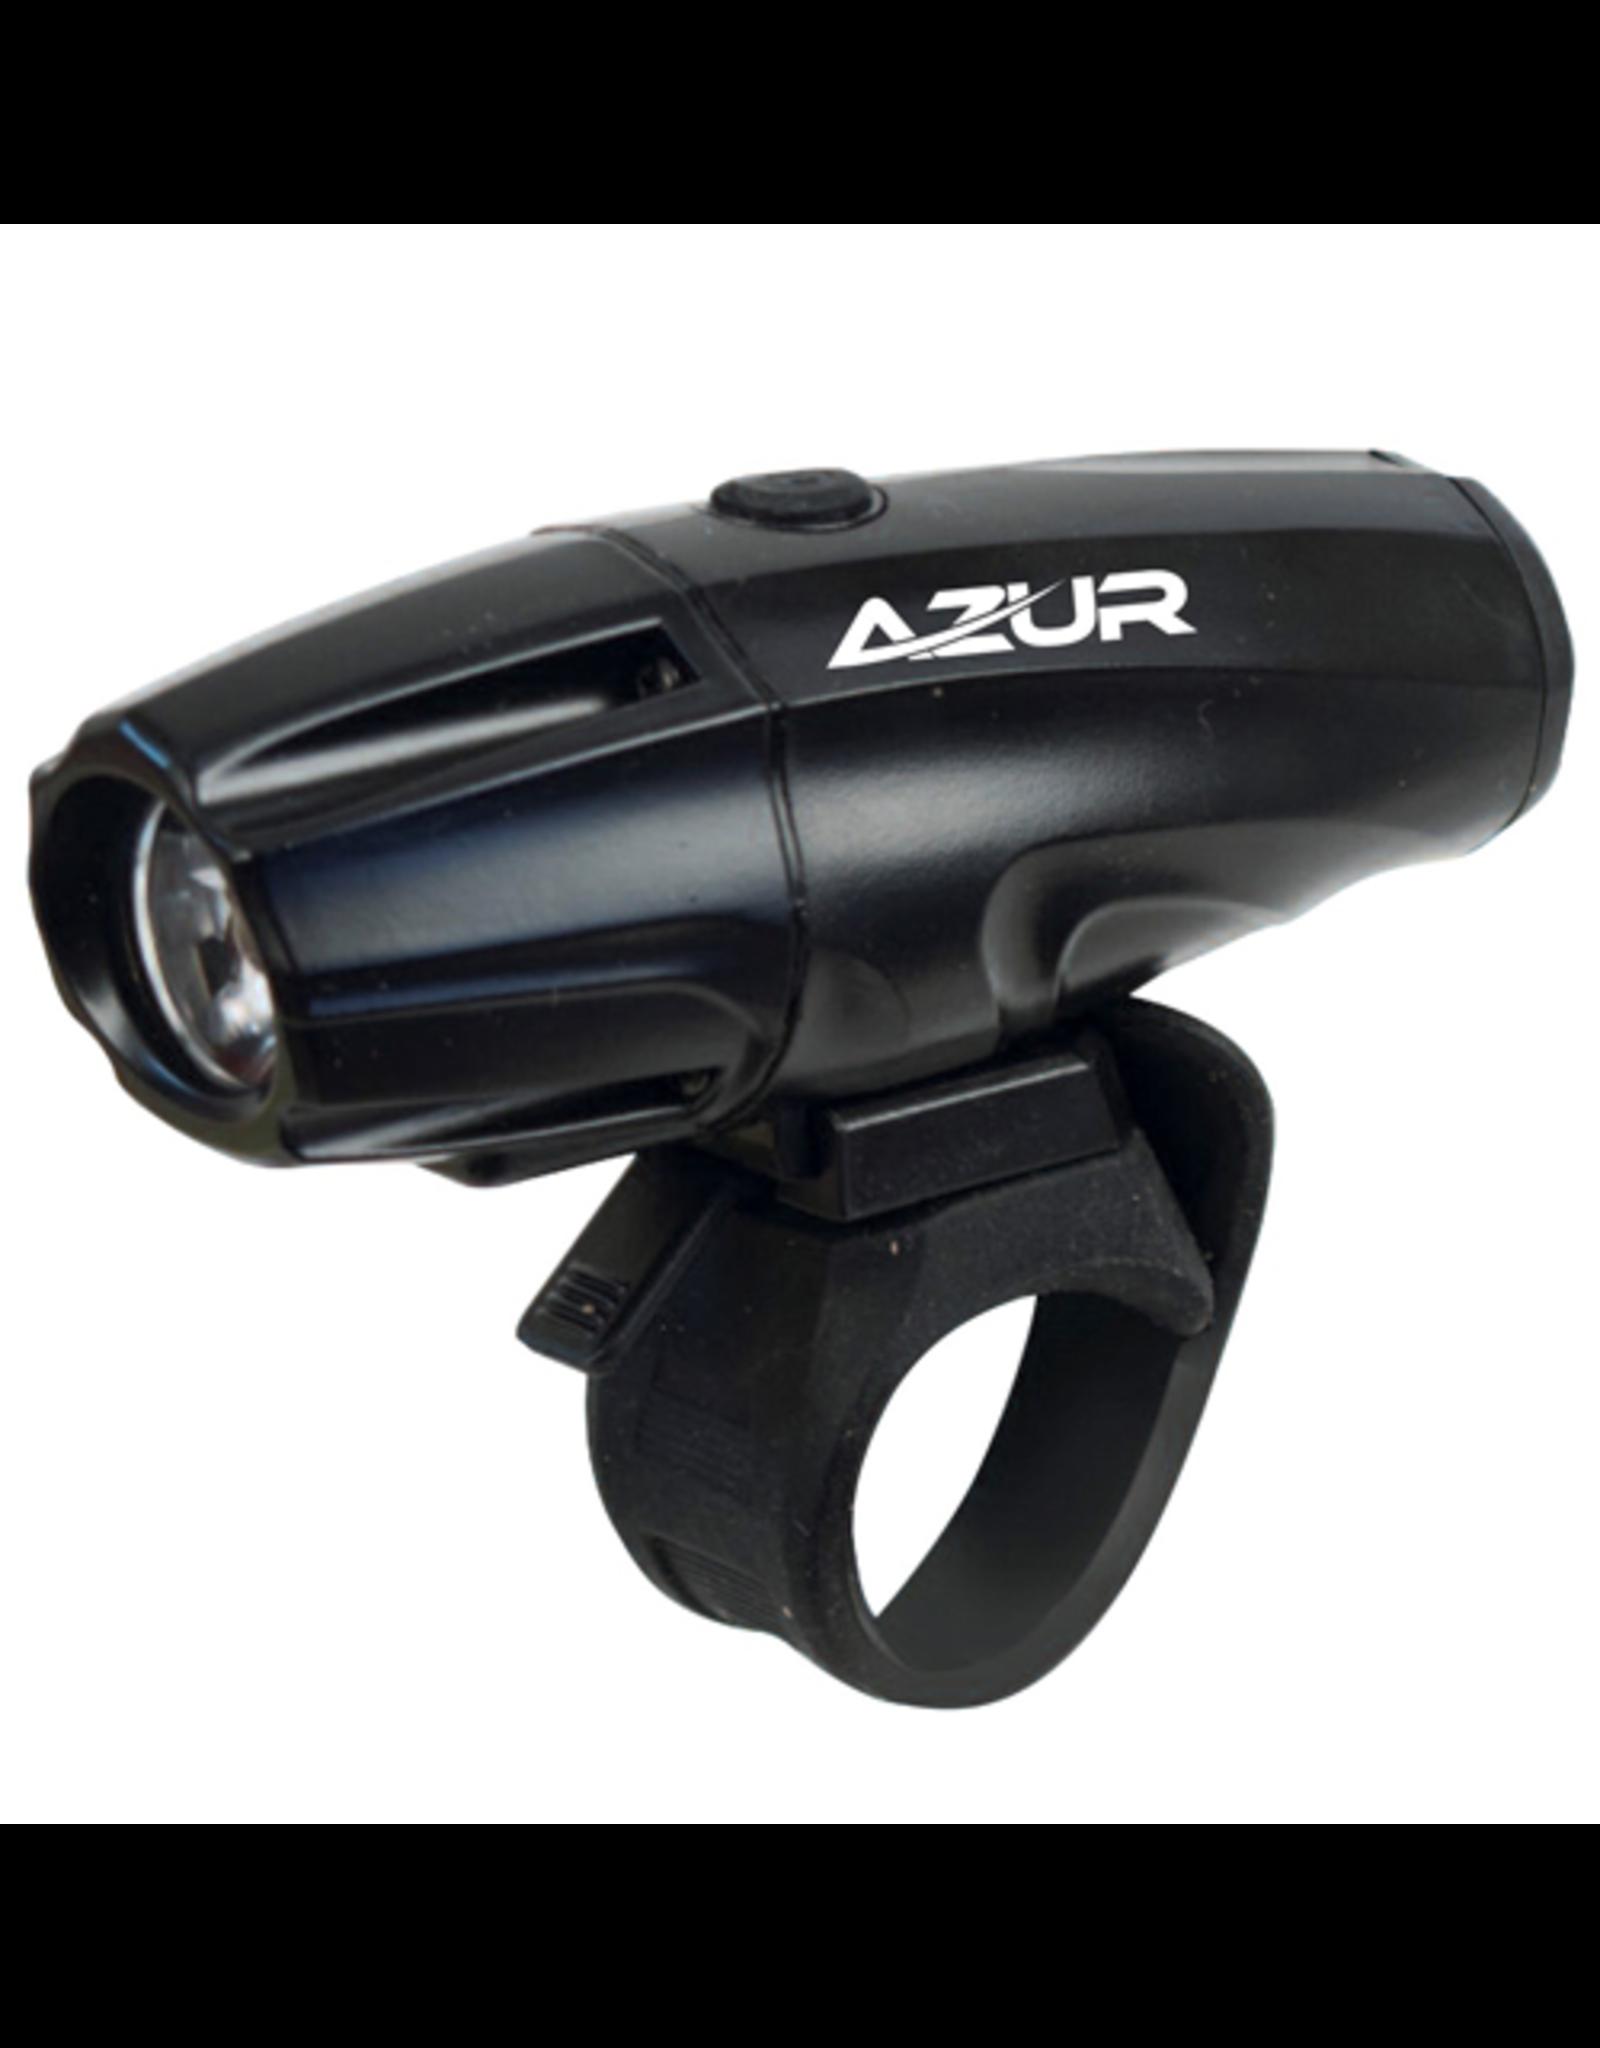 AZUR AZUR COVE 1000 LUMENS HEAD LIGHT USB RECHARGABLE